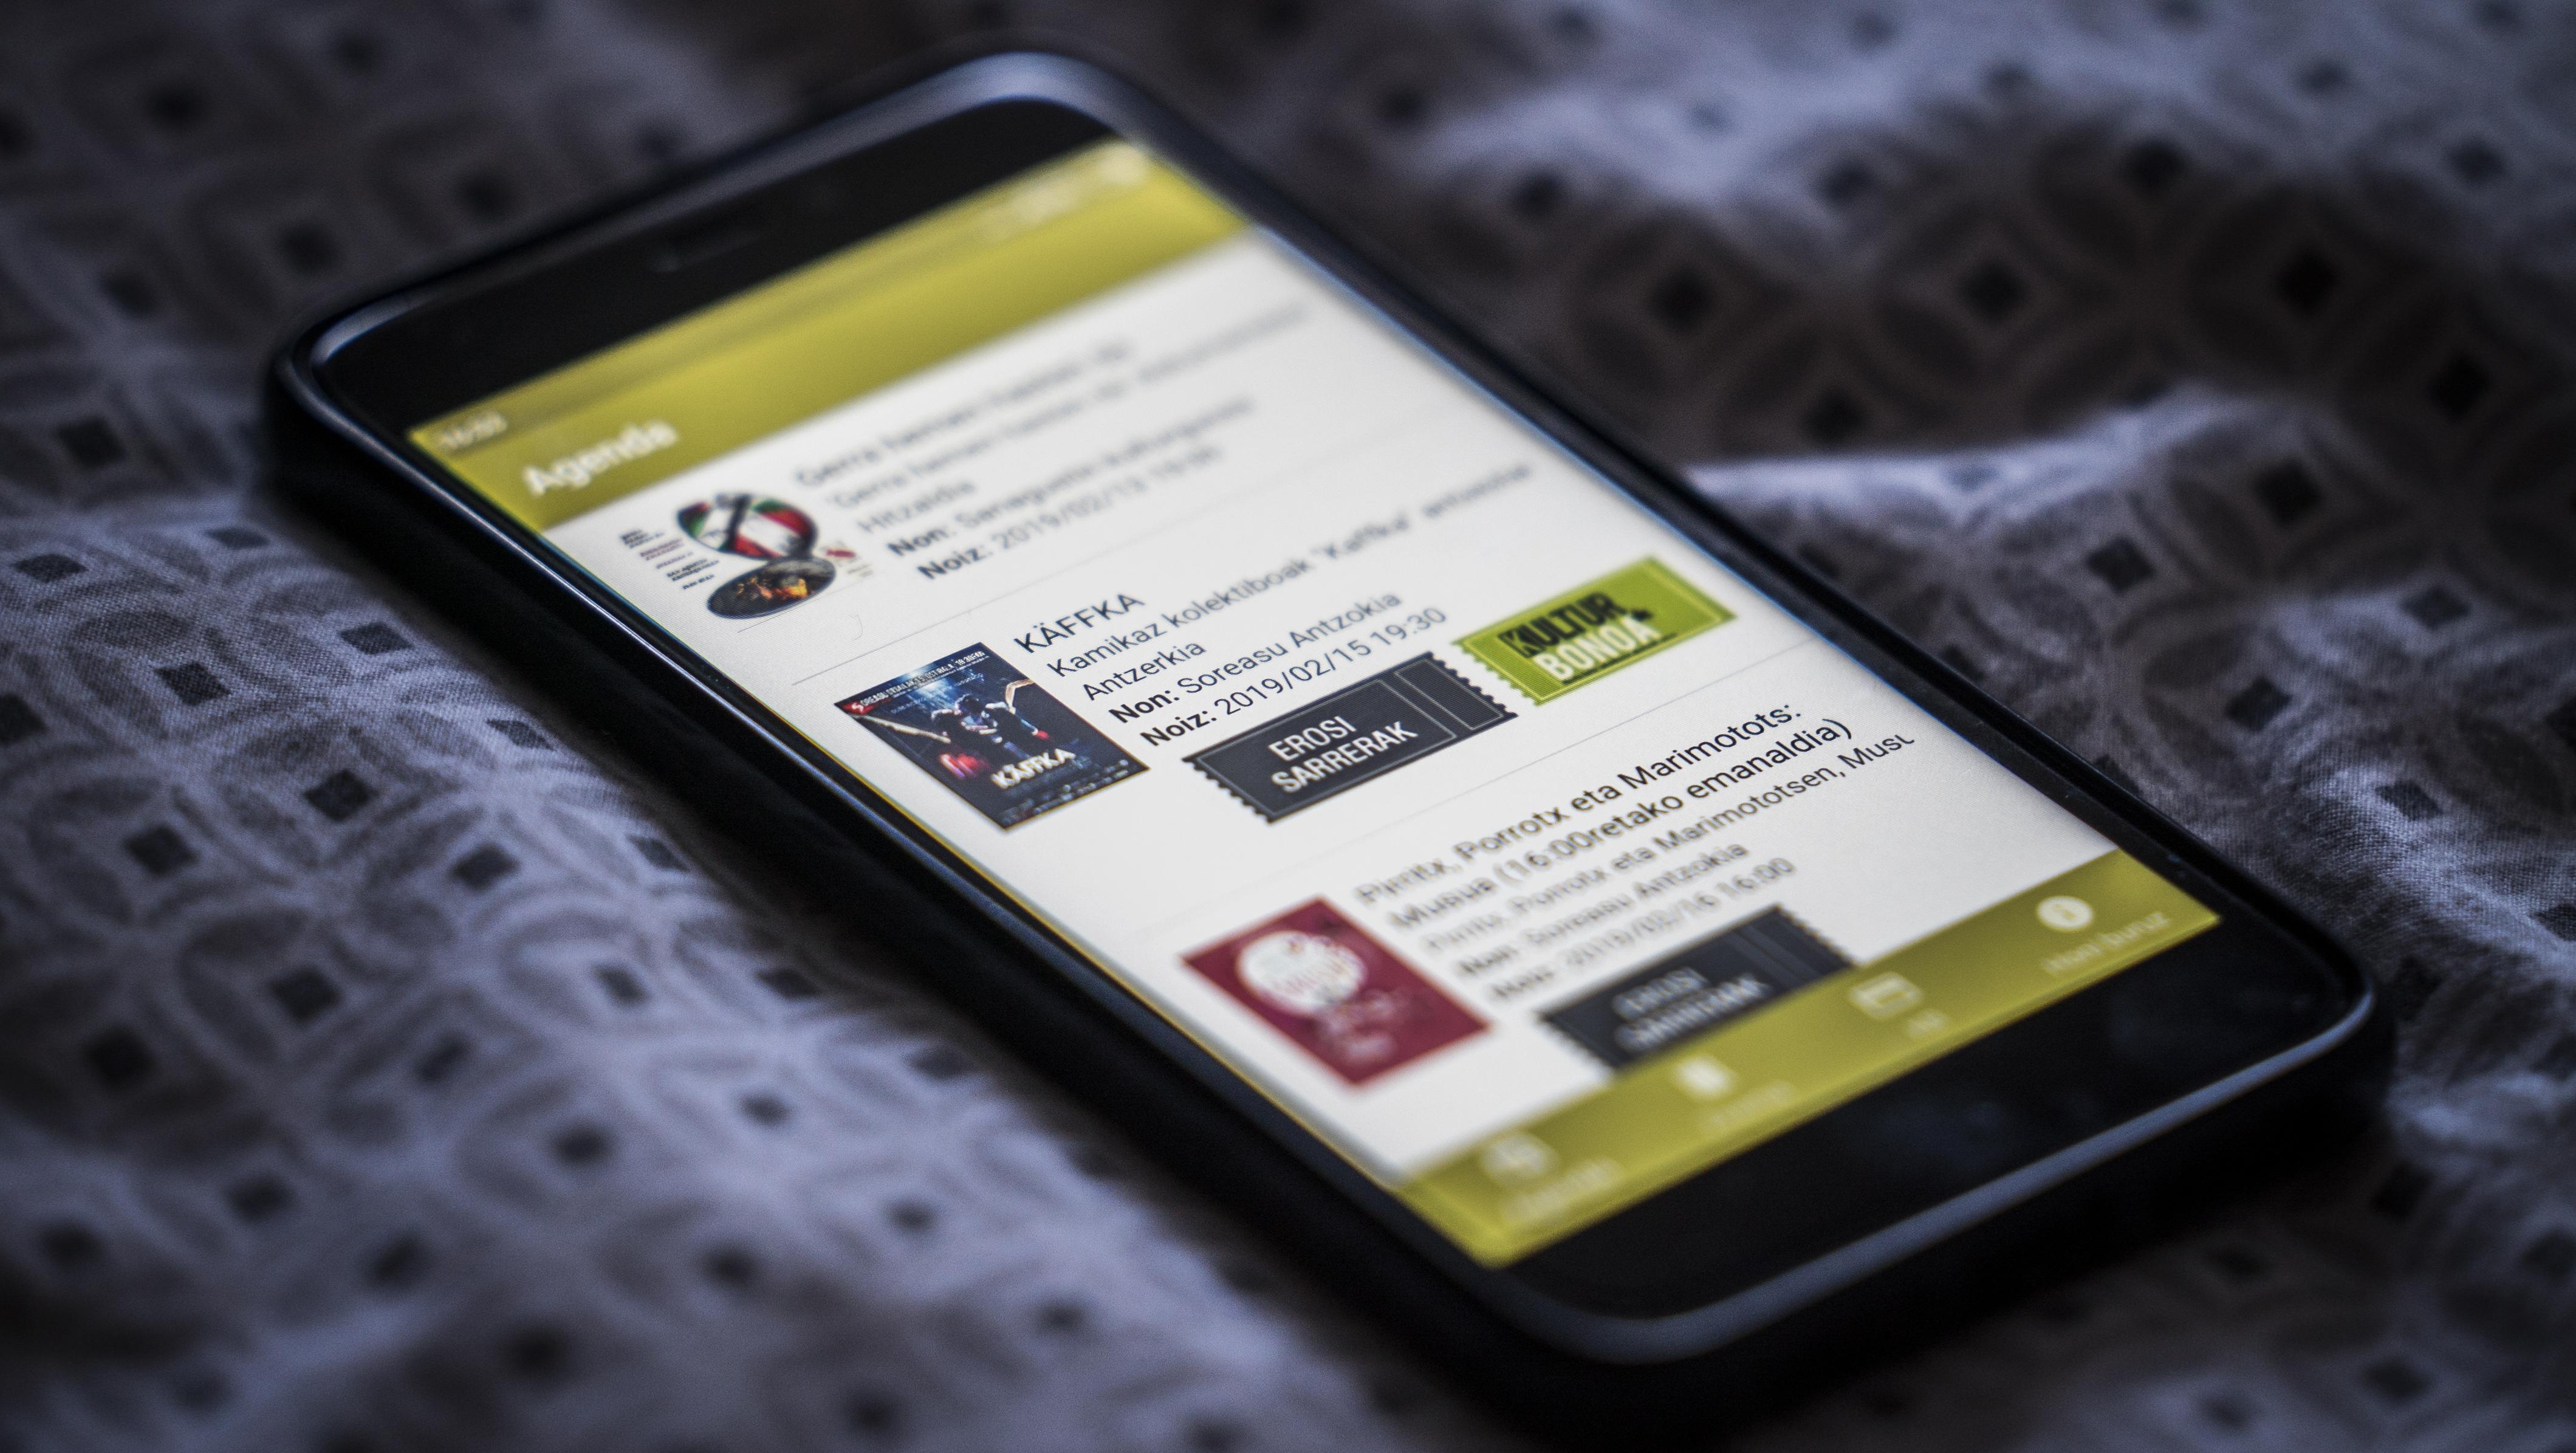 Kulturaz aplikazioa, informazio guztia eskura